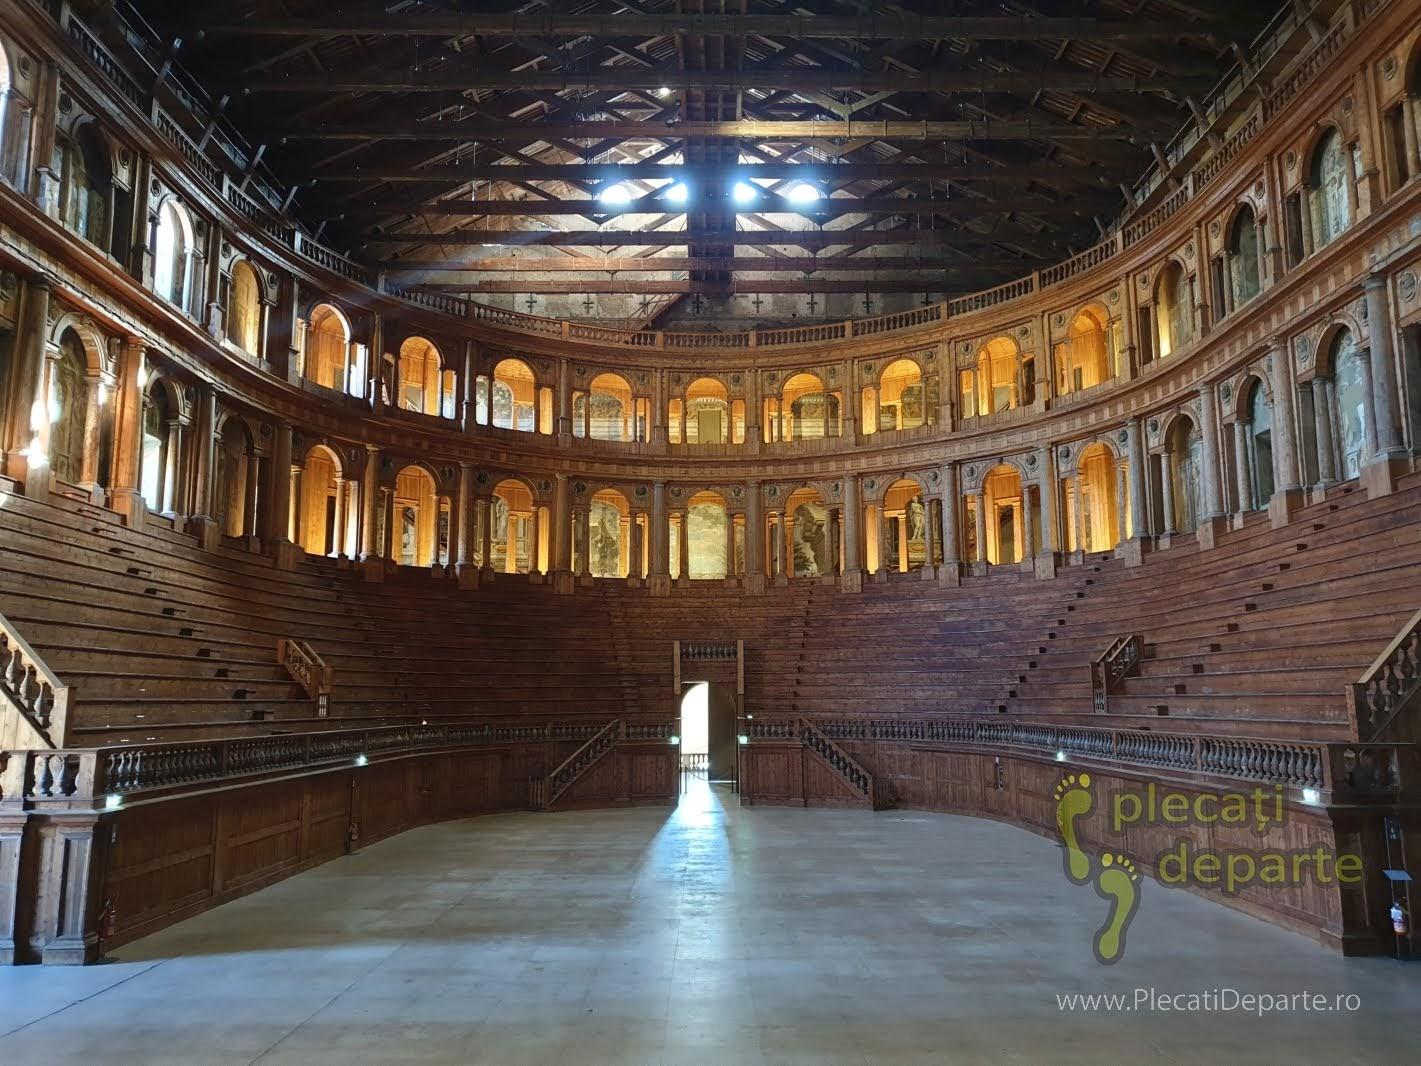 Palazzo della Pilotta, care cuprinde mai multe secțiuni: Muzeul Național de Arheologie, Teatrul Farneze (unul dintre puținele teatre din lemn, păstrate până în zilele noastre), Biblioteca Palatina și Galeria Naționala (de artă), in Parma, Italia. bologna parma lugo obiective turistice italia